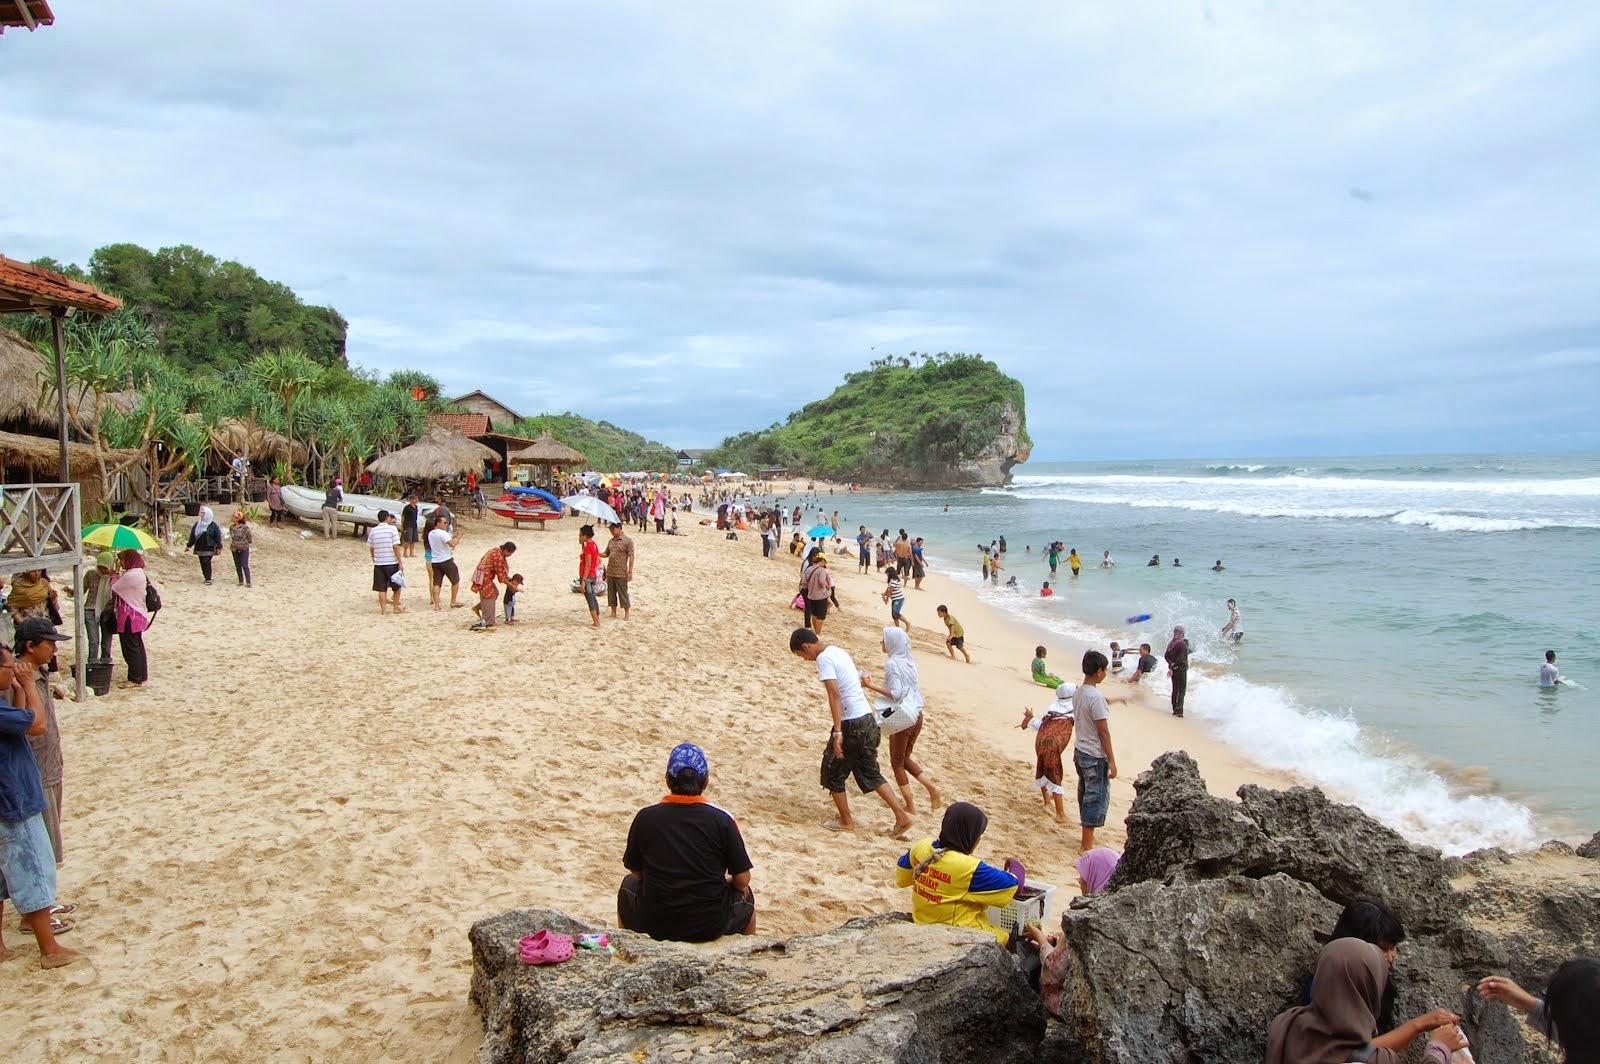 7 Wisata pantai mengesankan di Jogja